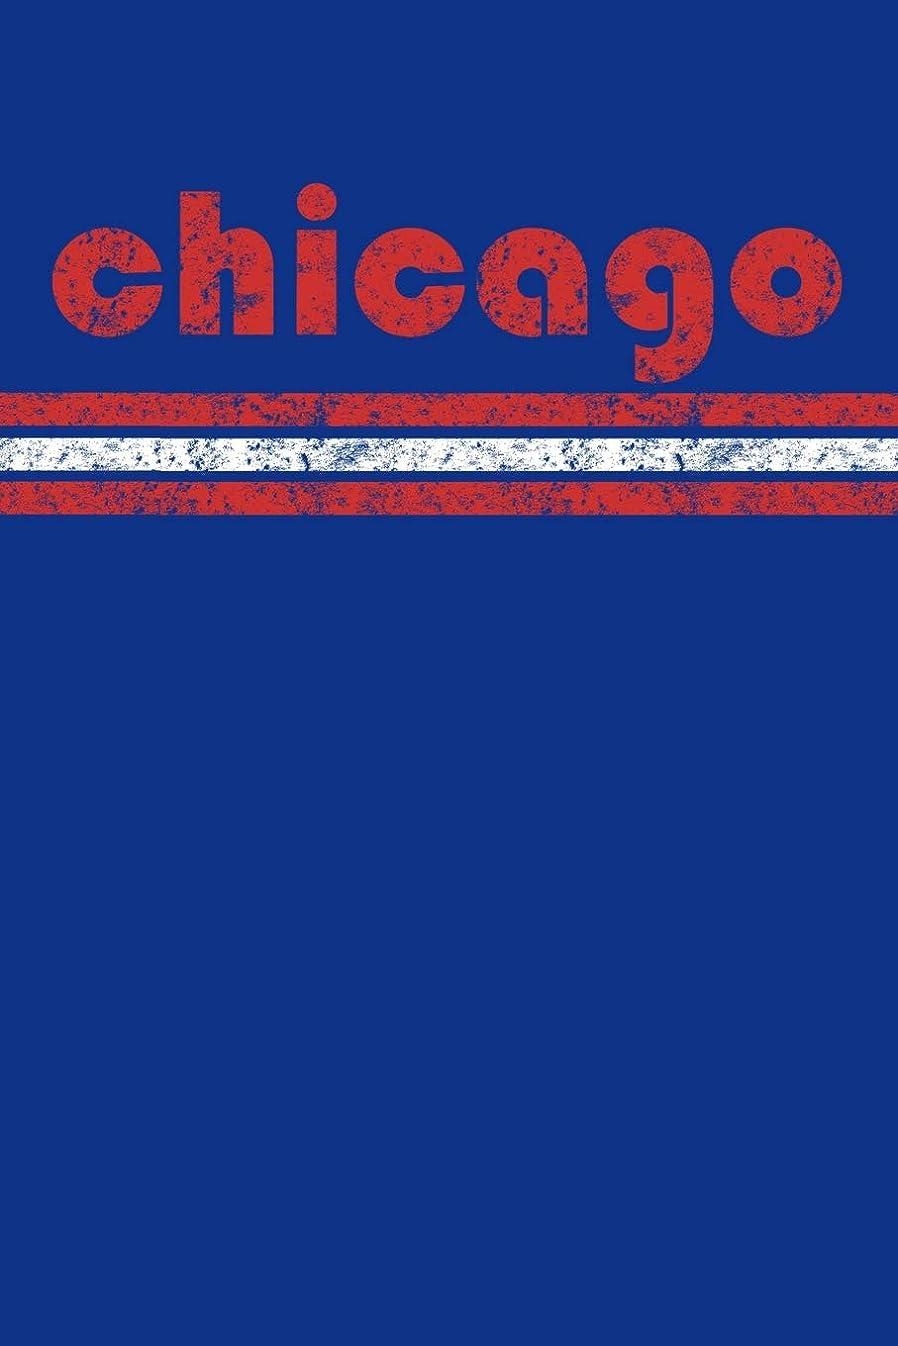 ラッカス面白いくるくるChicago: Illinois Notebook Journal Planner Retro Vintage Weathered 90 Pages